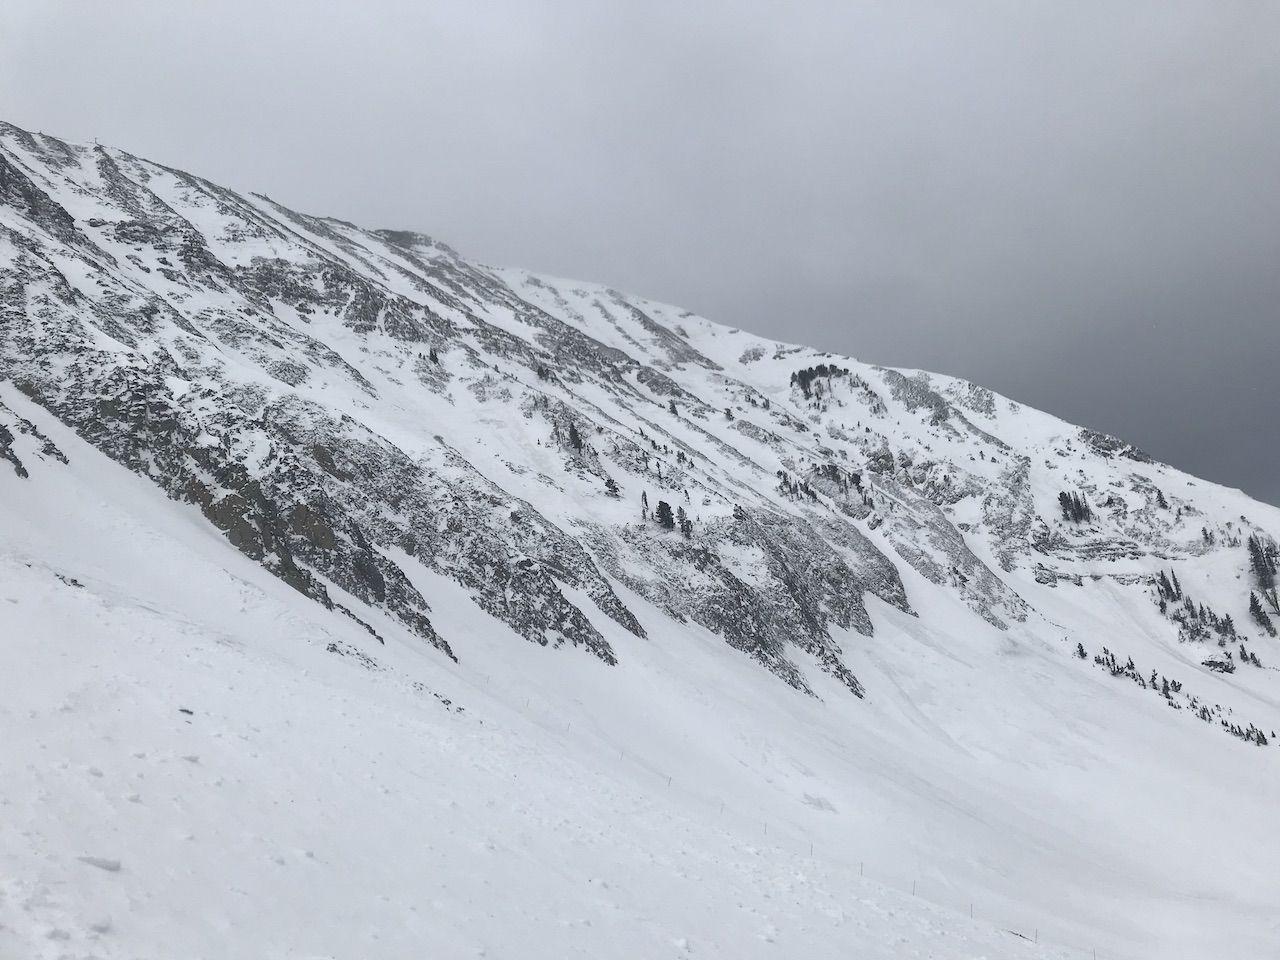 Ski run at Big Sky Resort in Montana